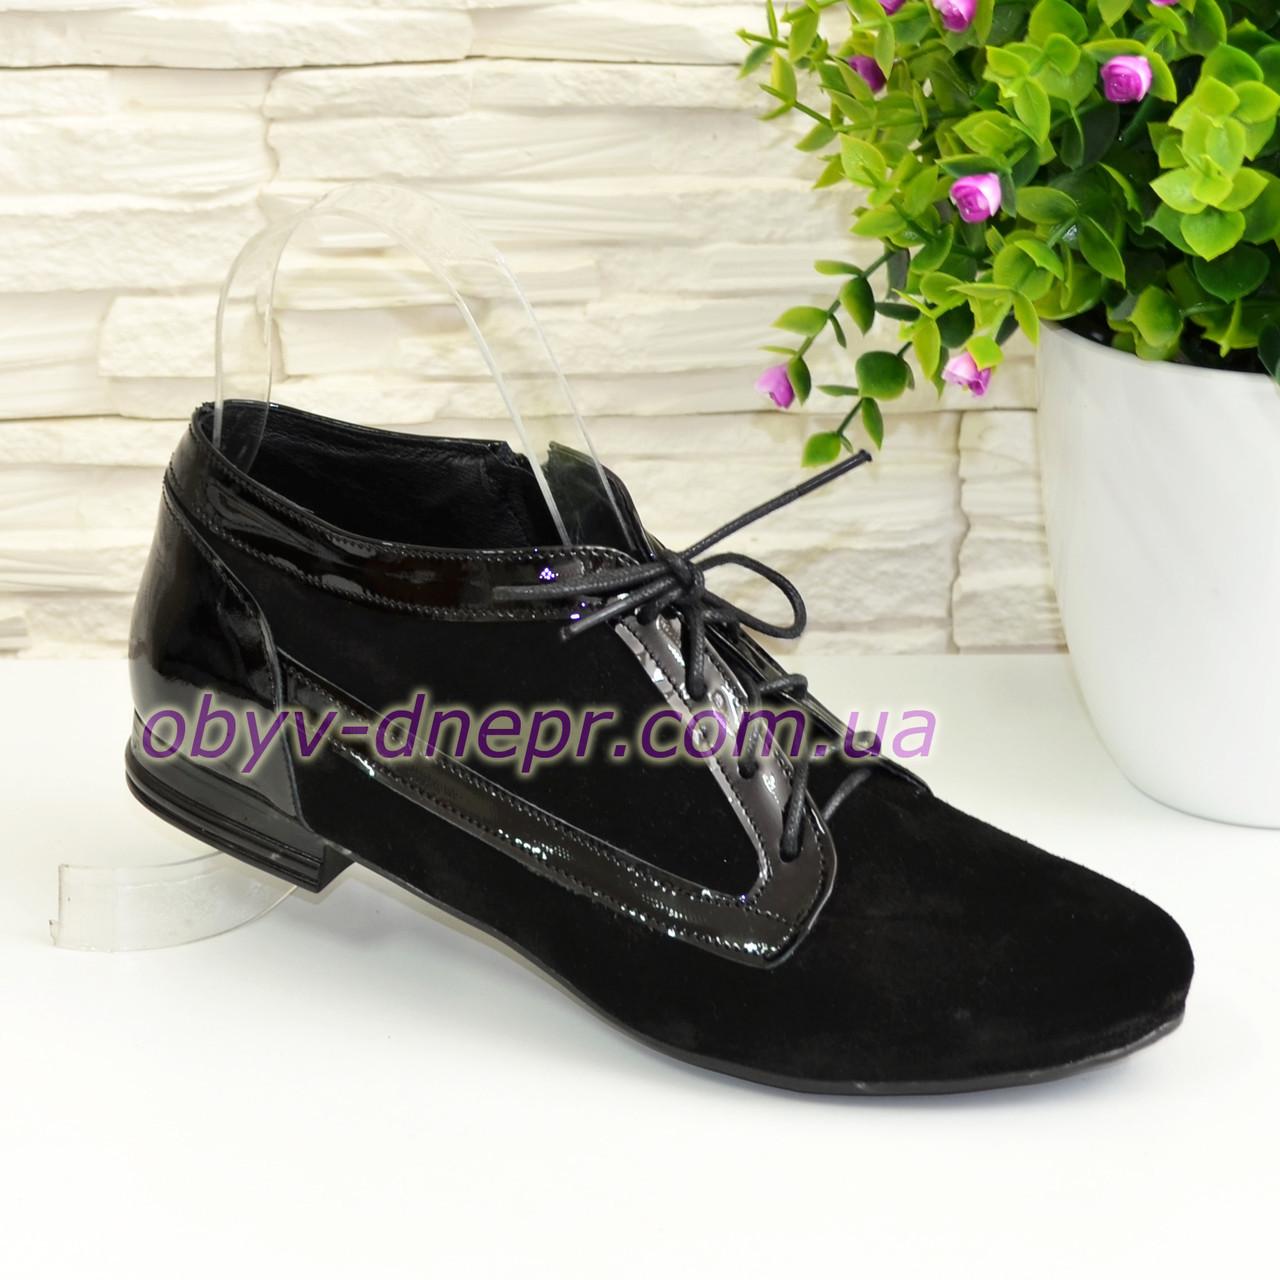 Туфли женские закрытые замшевые на шнуровке с вставками из лаковой кожи